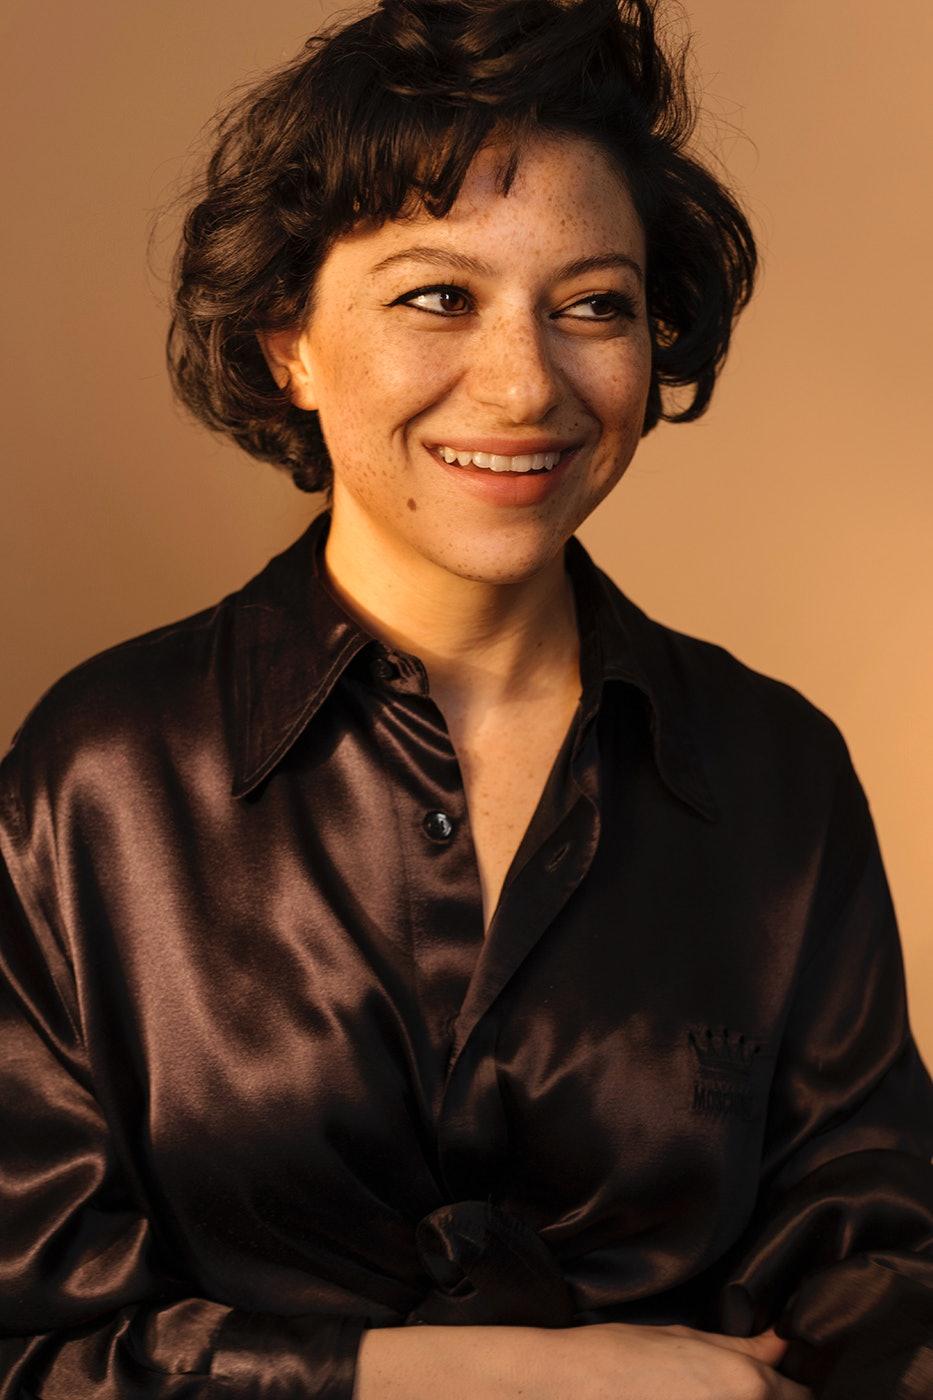 alia shawkat - photo #29